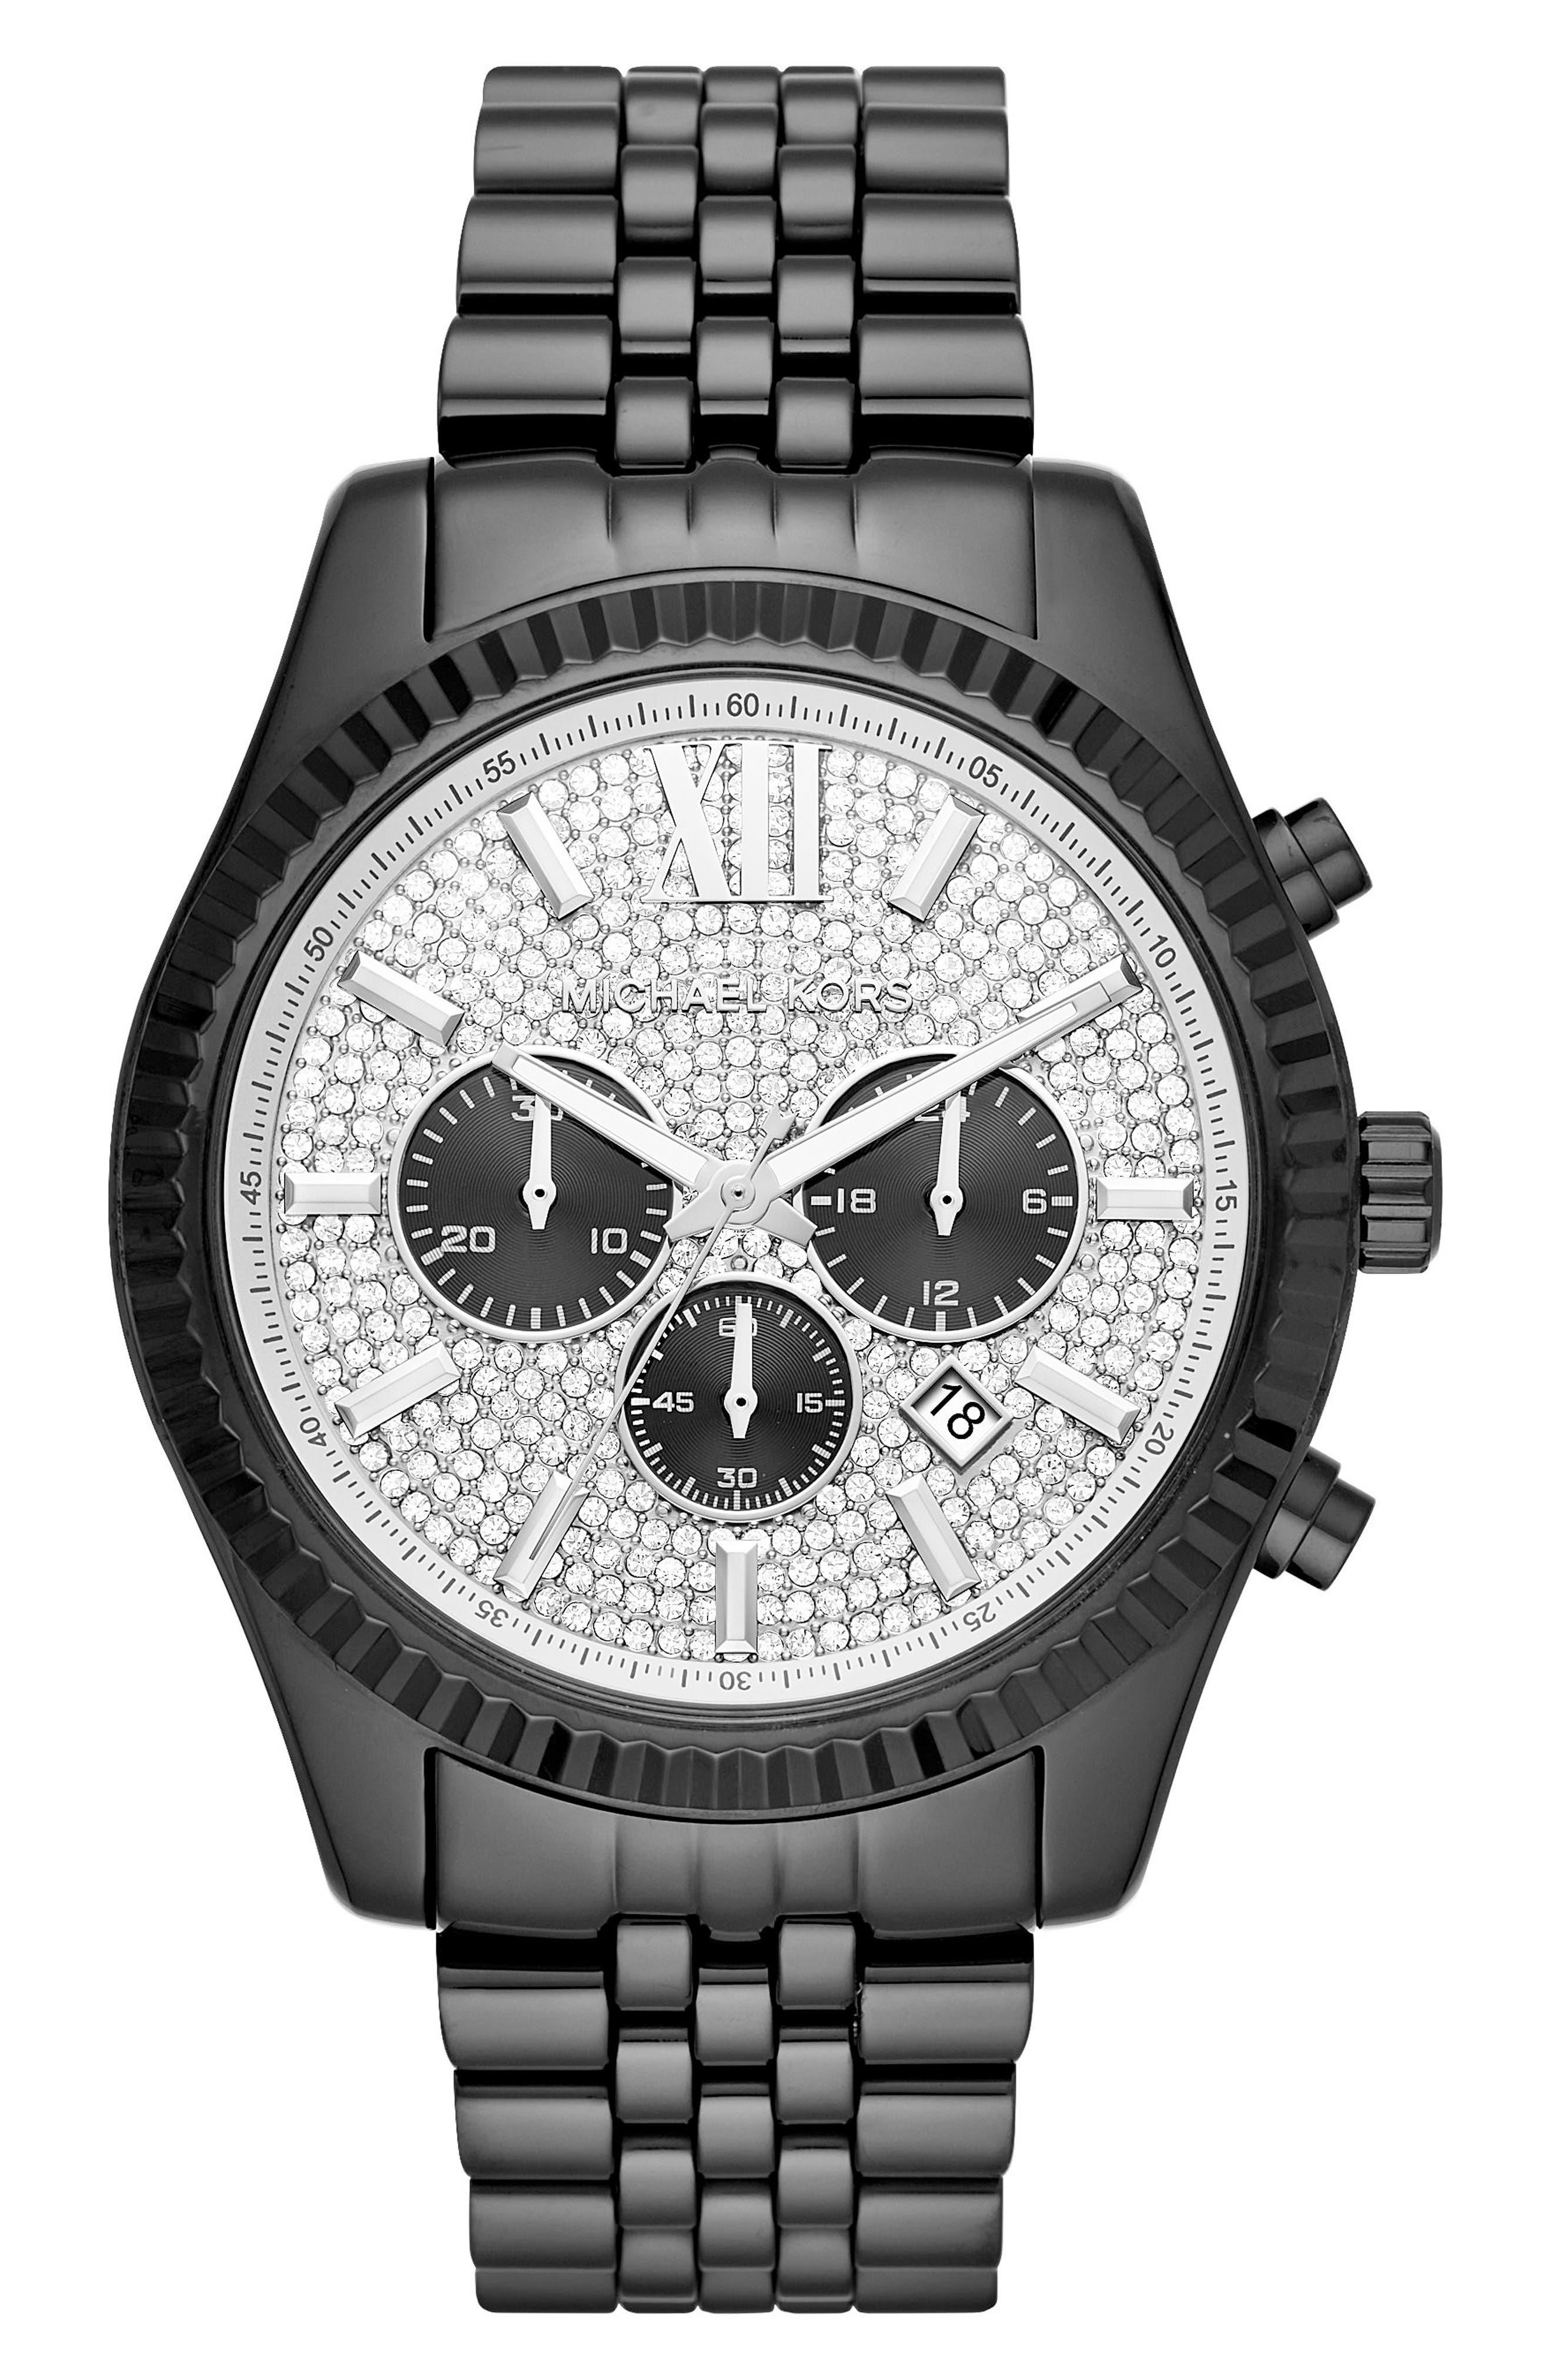 MICHAEL KORS Lexington Pavé Chronograph Bracelet Watch, 45mm x 54mm, Main, color, BLACK/ SILVER/ BLACK